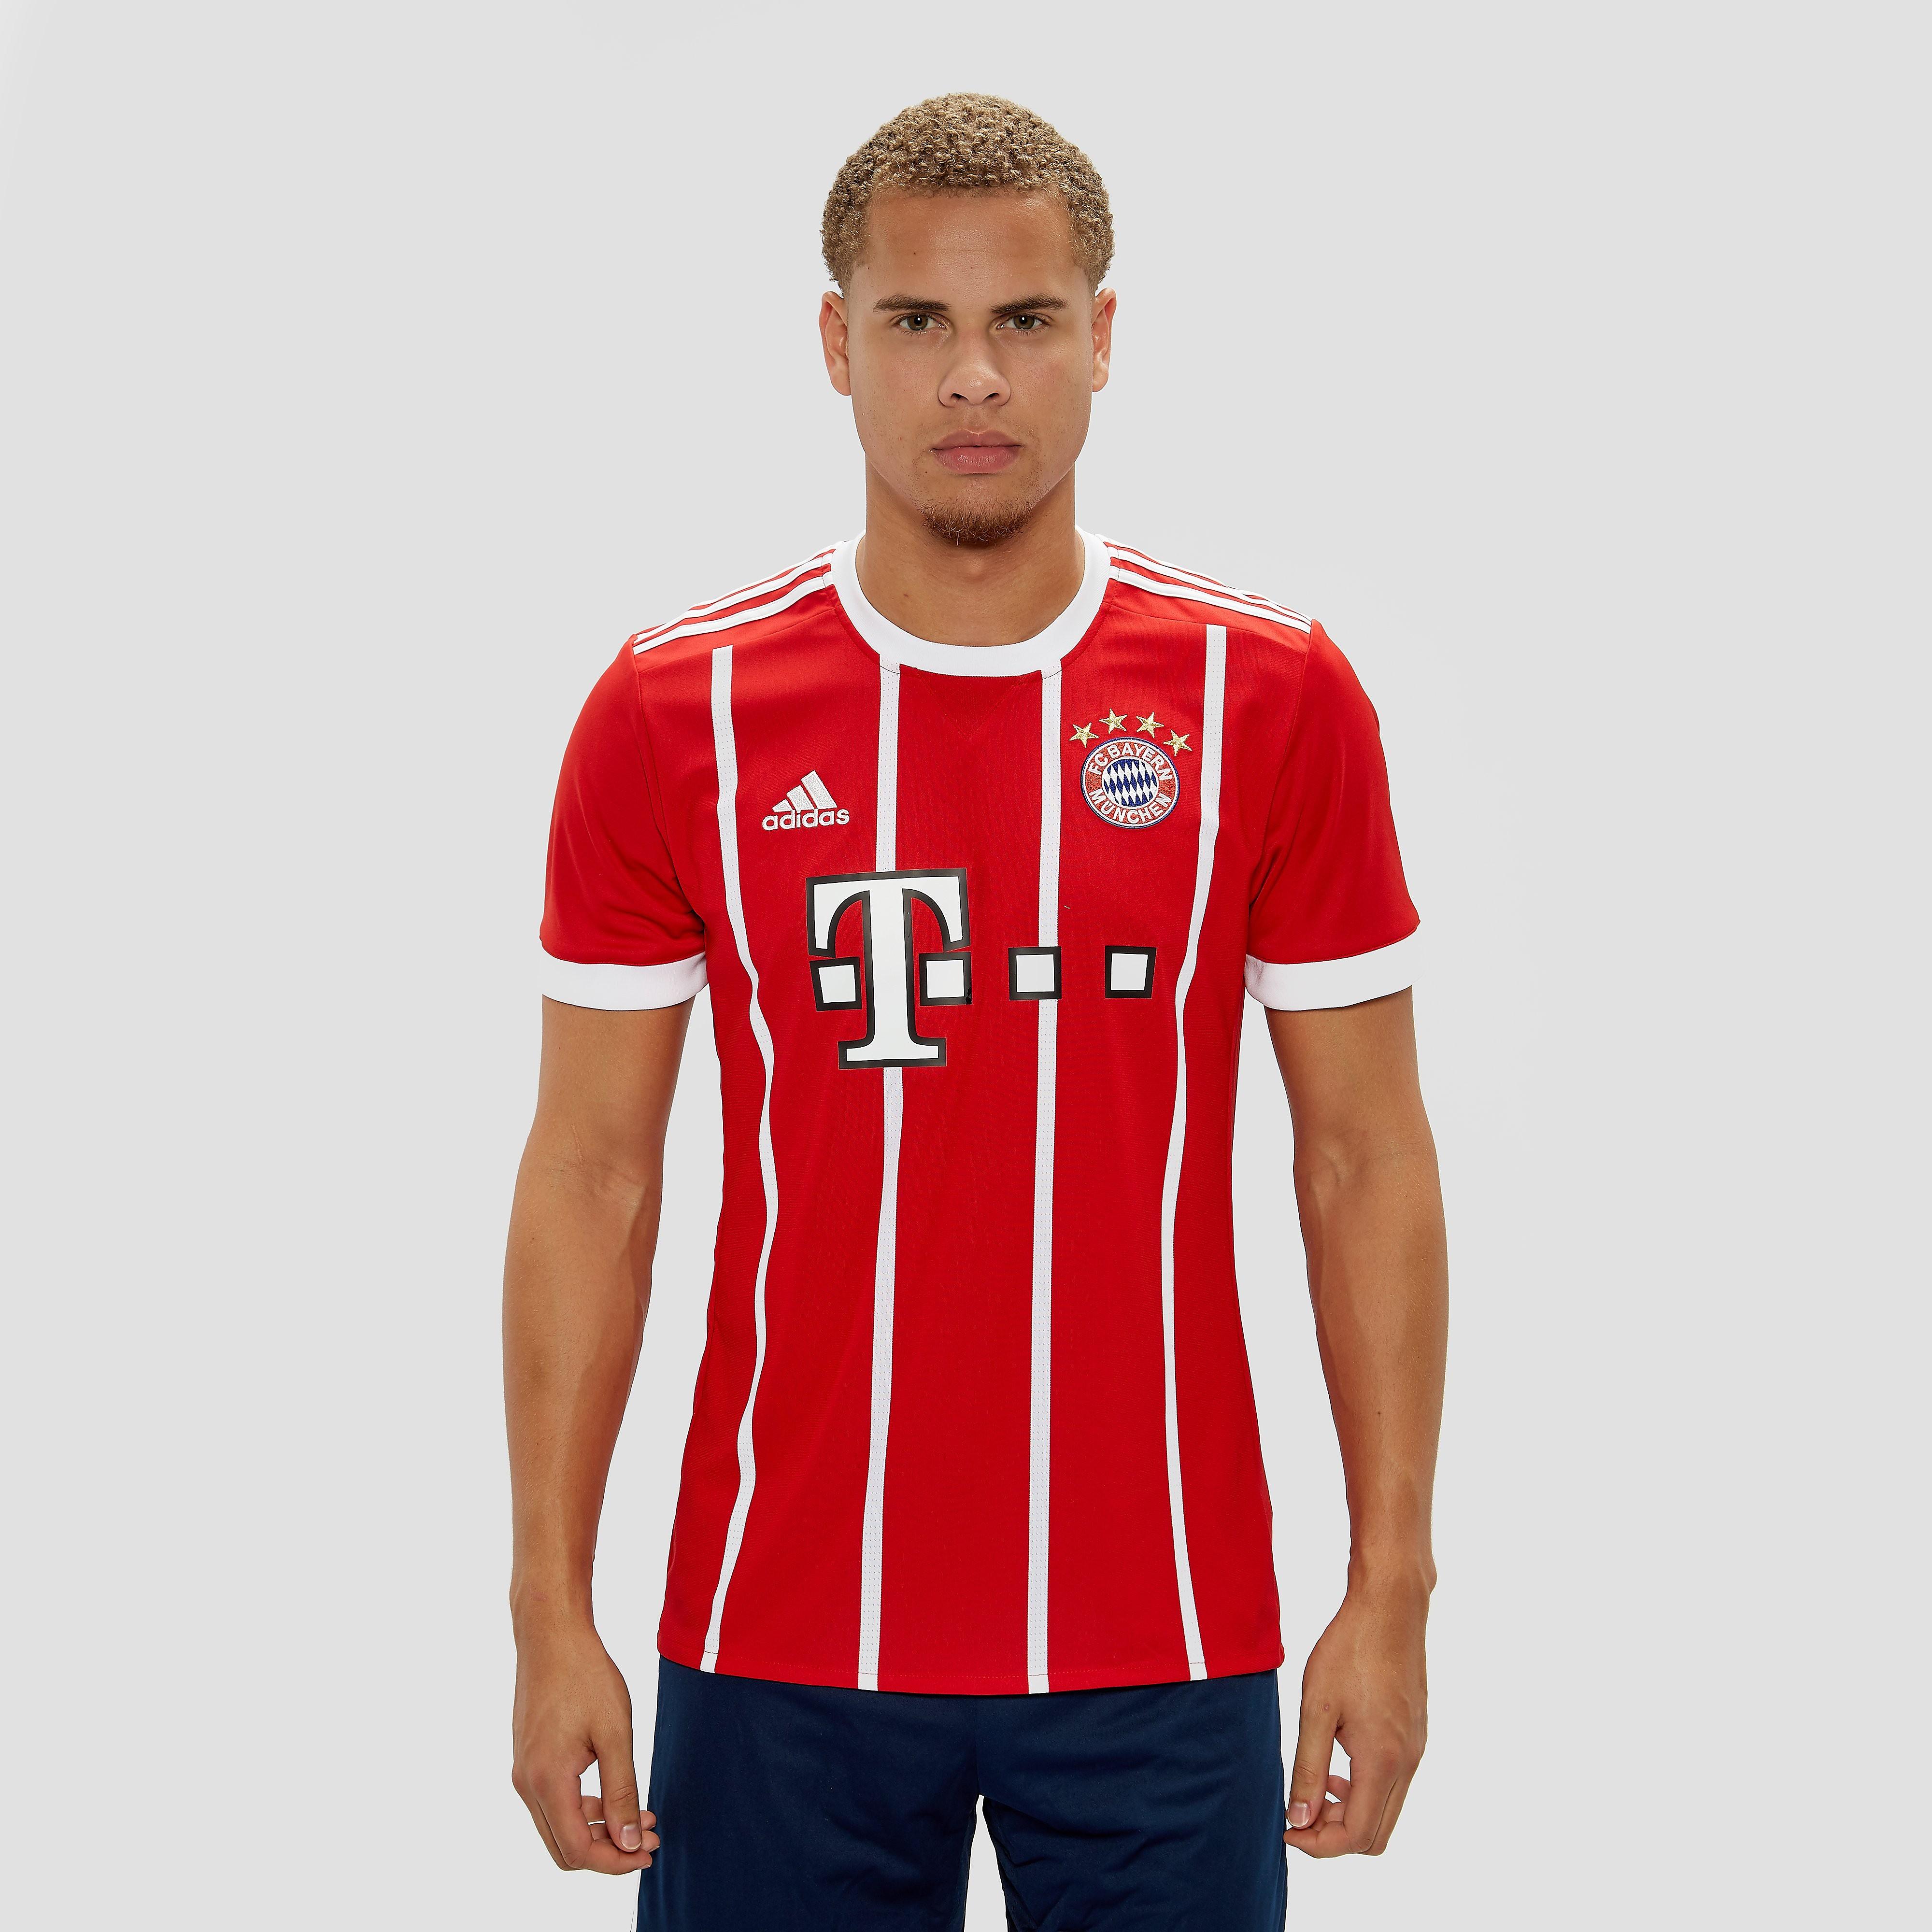 adidas FC BAYERN MÜNCHEN THUISSHIRT 17/18 ROOD/WIT HEREN